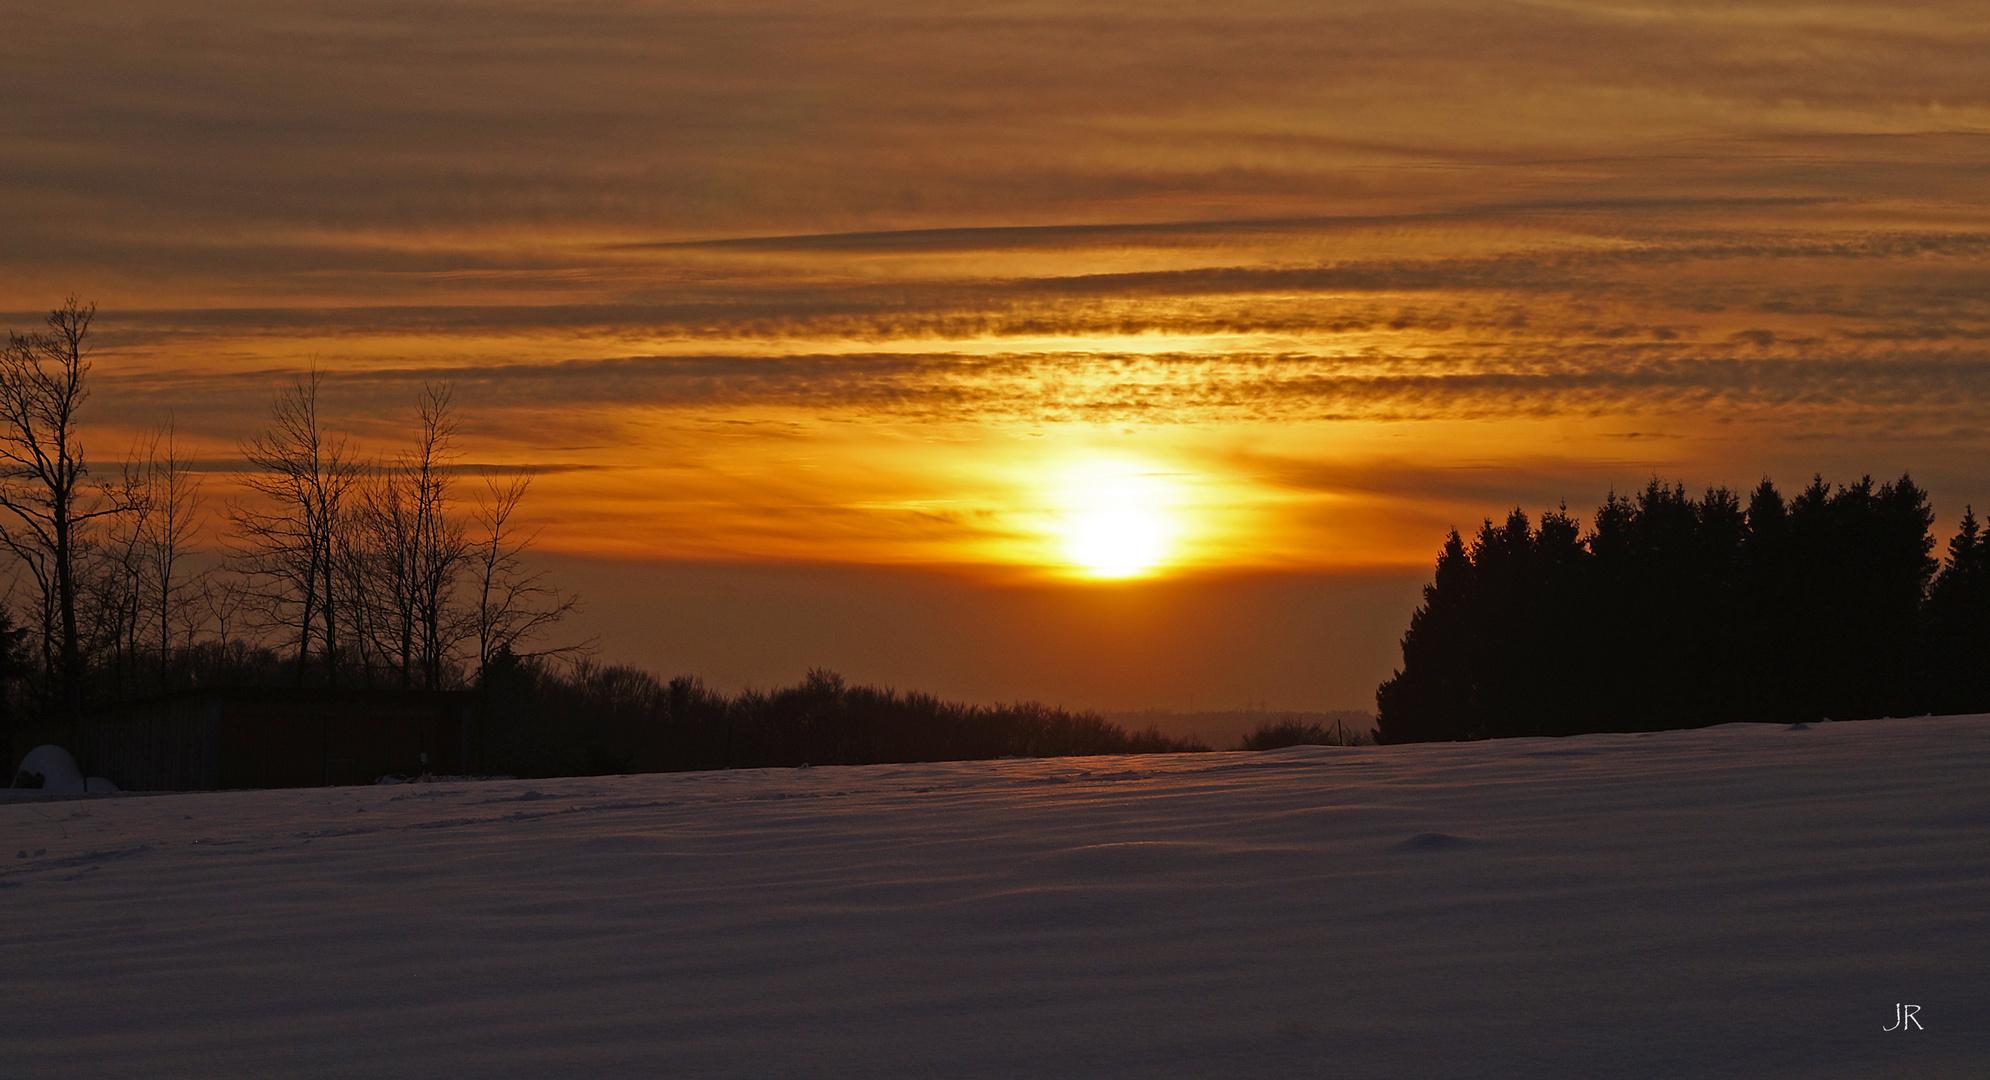 Sonnenuntergang bei Herrischried